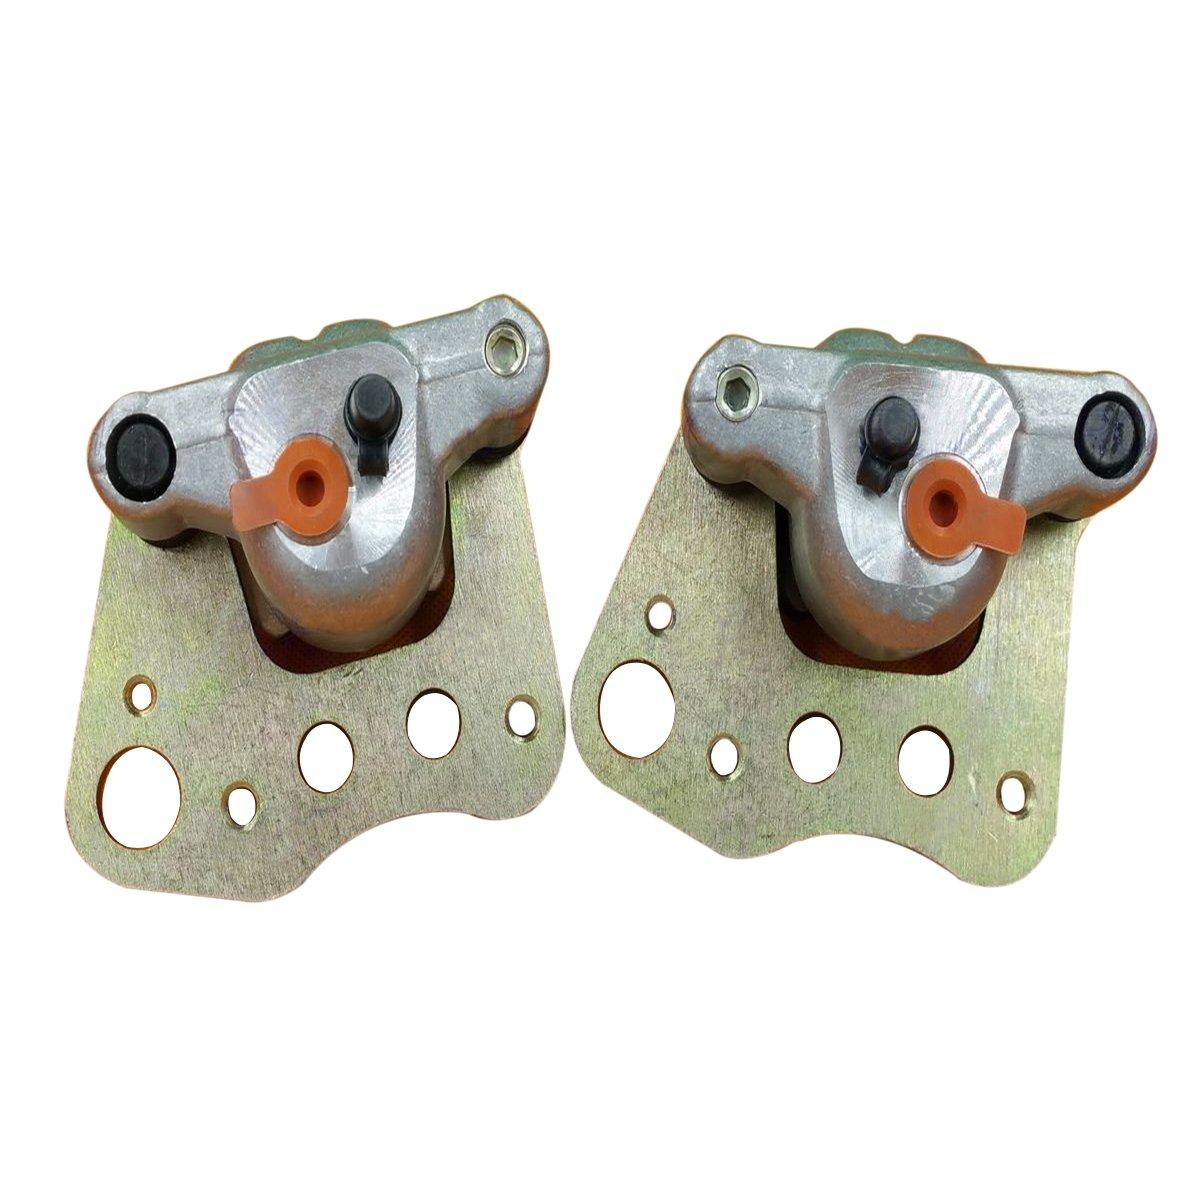 Triumilynn New Front Left & Right Brake Caliper for Polaris Sportsman 400 450 500 600 700 800 HO EFI 05-07 with Pads TENGSHNEG